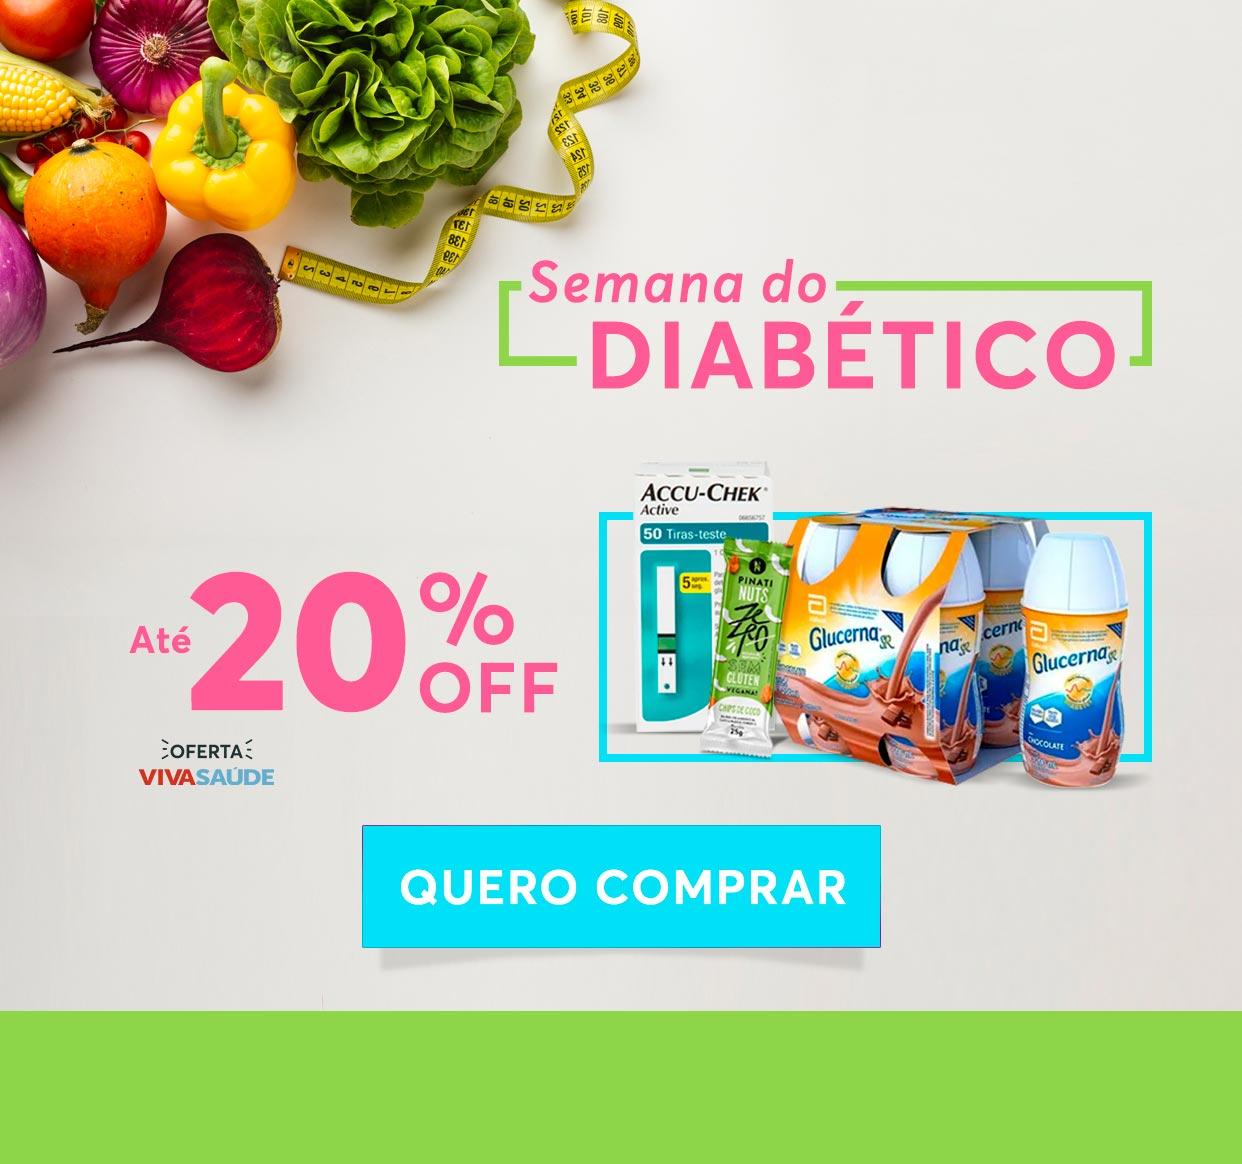 MOBILE Semana do Diabetico